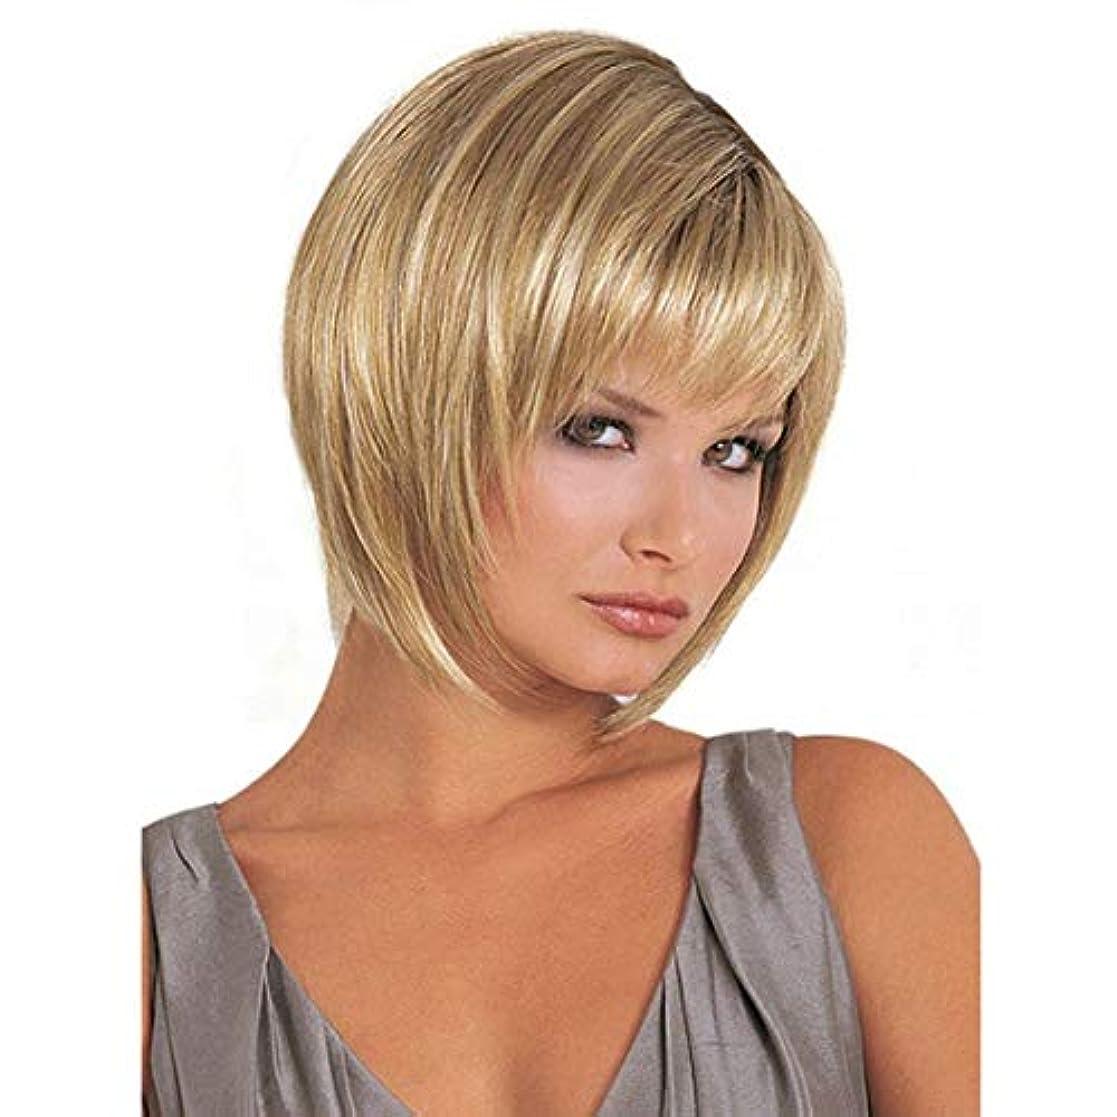 電気ソーシャル本当のことを言うとKerwinner 女性のための平らな前髪の合成かつらとストレートショートボブ髪ゴールドかつら